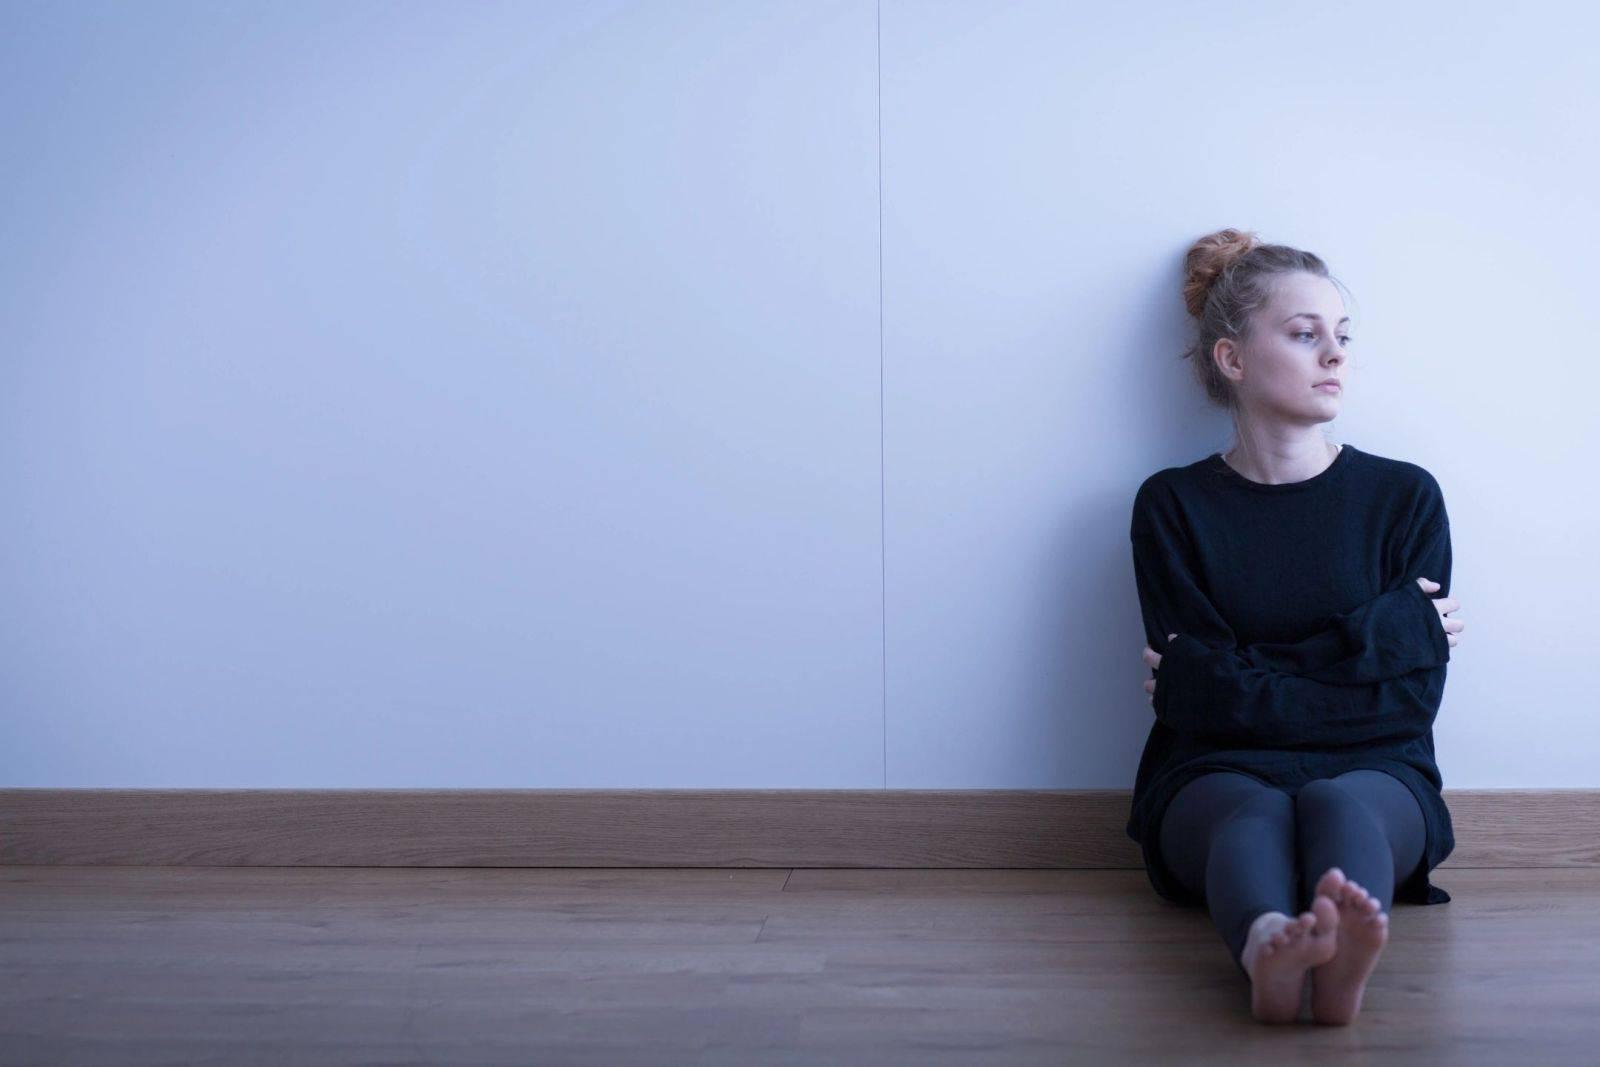 Как заполучить кольцо царя соломона, избавиться от депрессии и начать жить